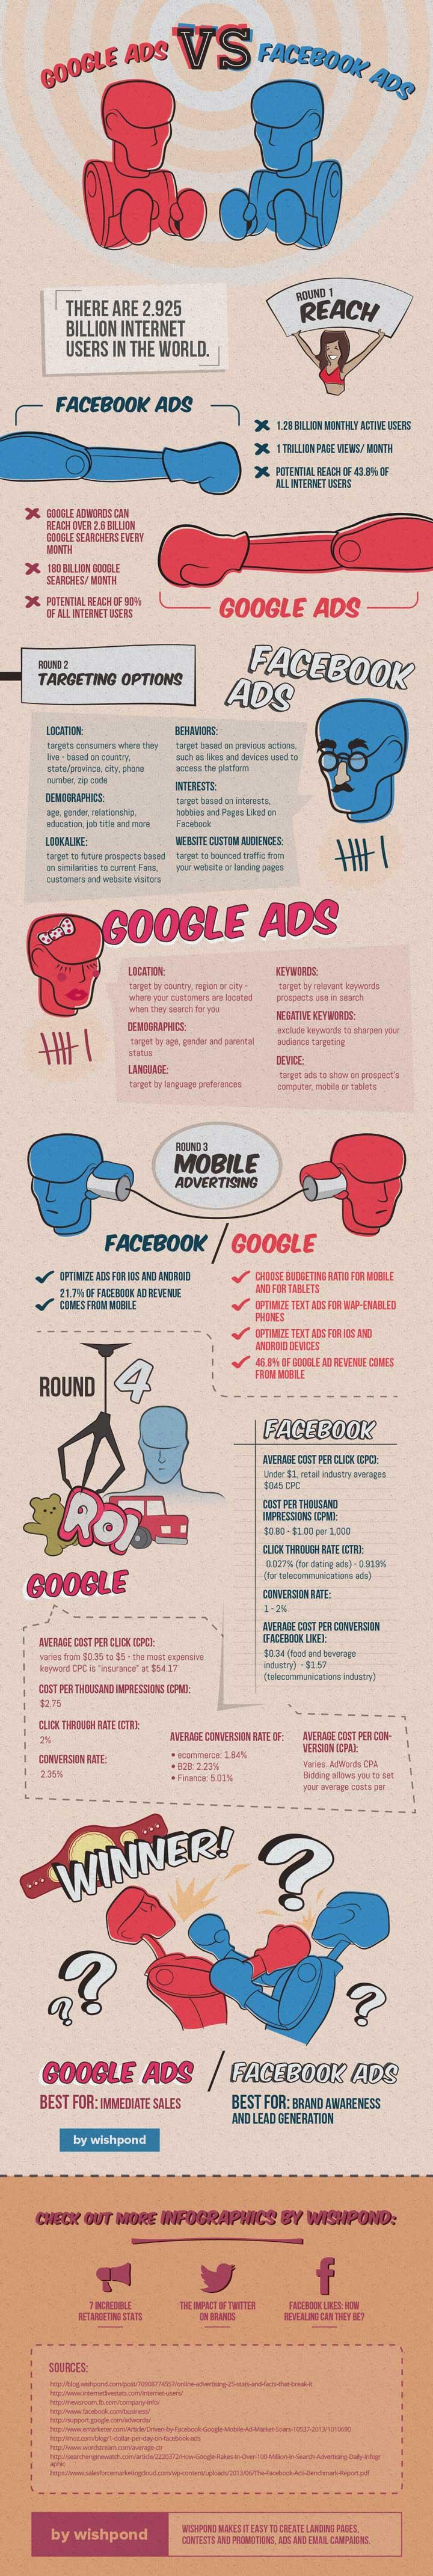 Google Reklamları vs Facebook Reklamları (infografik: Whispond)